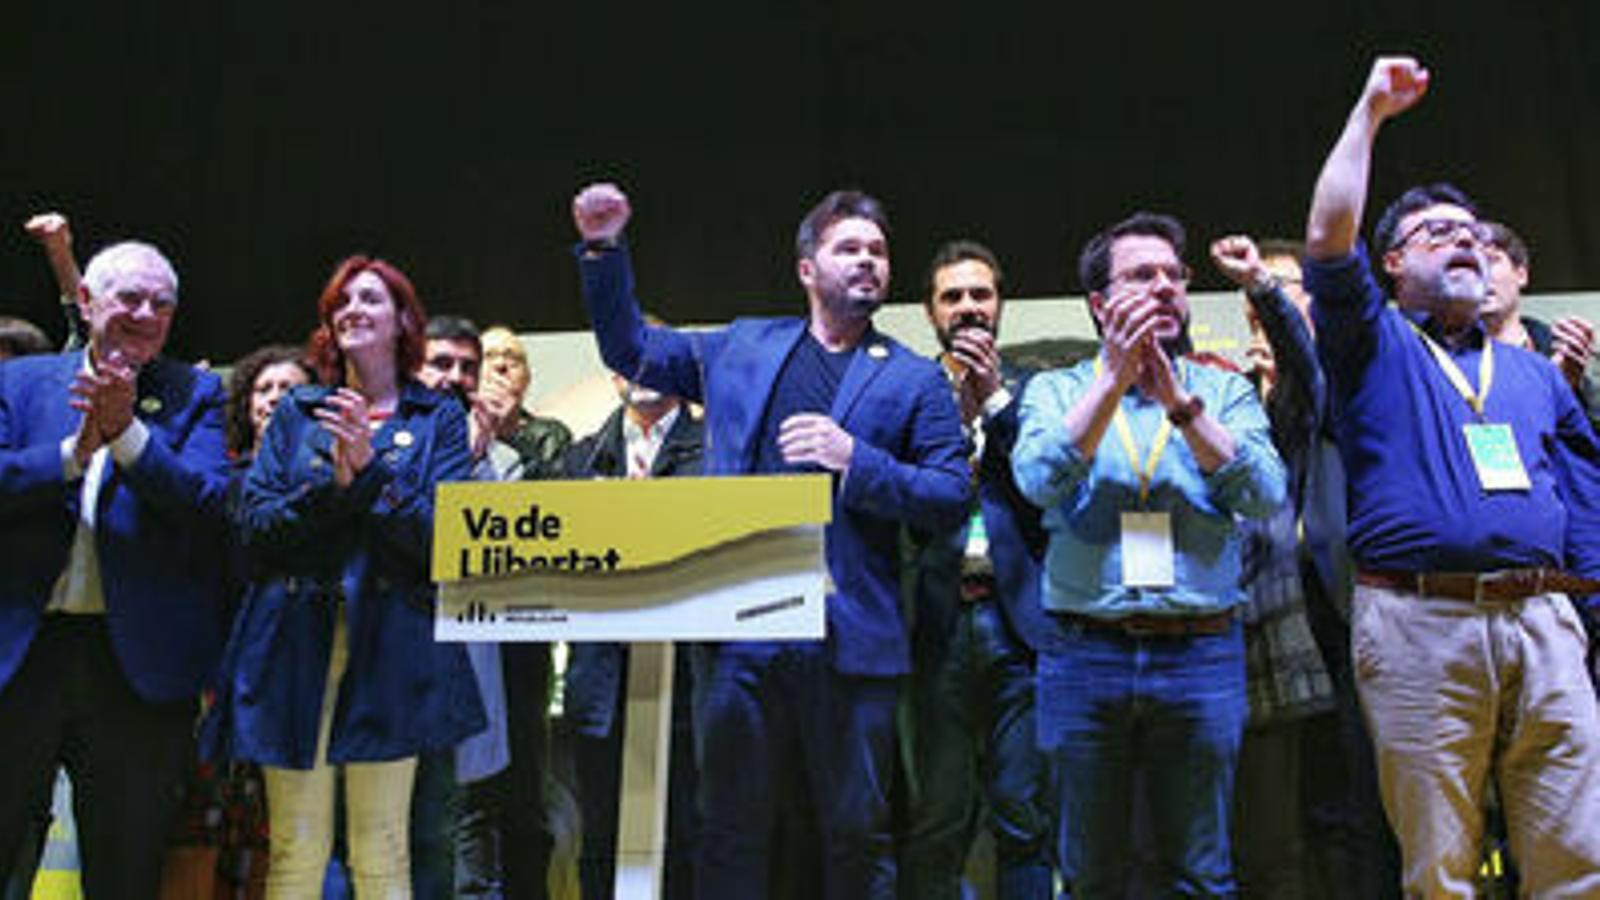 Esquerra guanyaria les eleccions a Catalunya i revalidaria la victòria als comicis espanyols